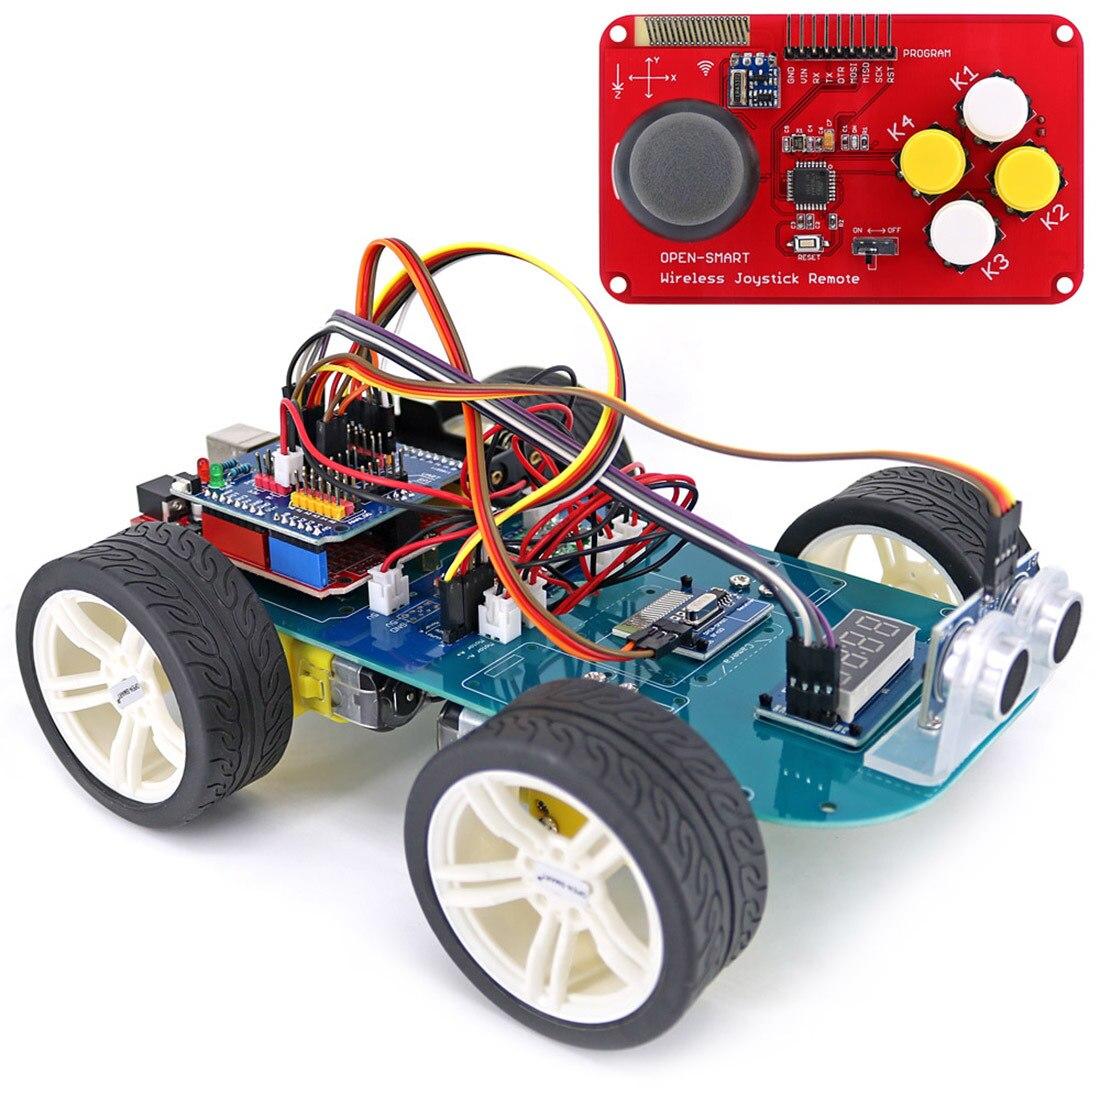 Nowy 4WD bezprzewodowy Joystick DIY zdalnego sterowania inteligentny samochód programowalny wysokiej Tech zestaw zabawek z samouczka dla Arduino dla R3 Nano hot w Programowalne zabawki od Zabawki i hobby na  Grupa 1